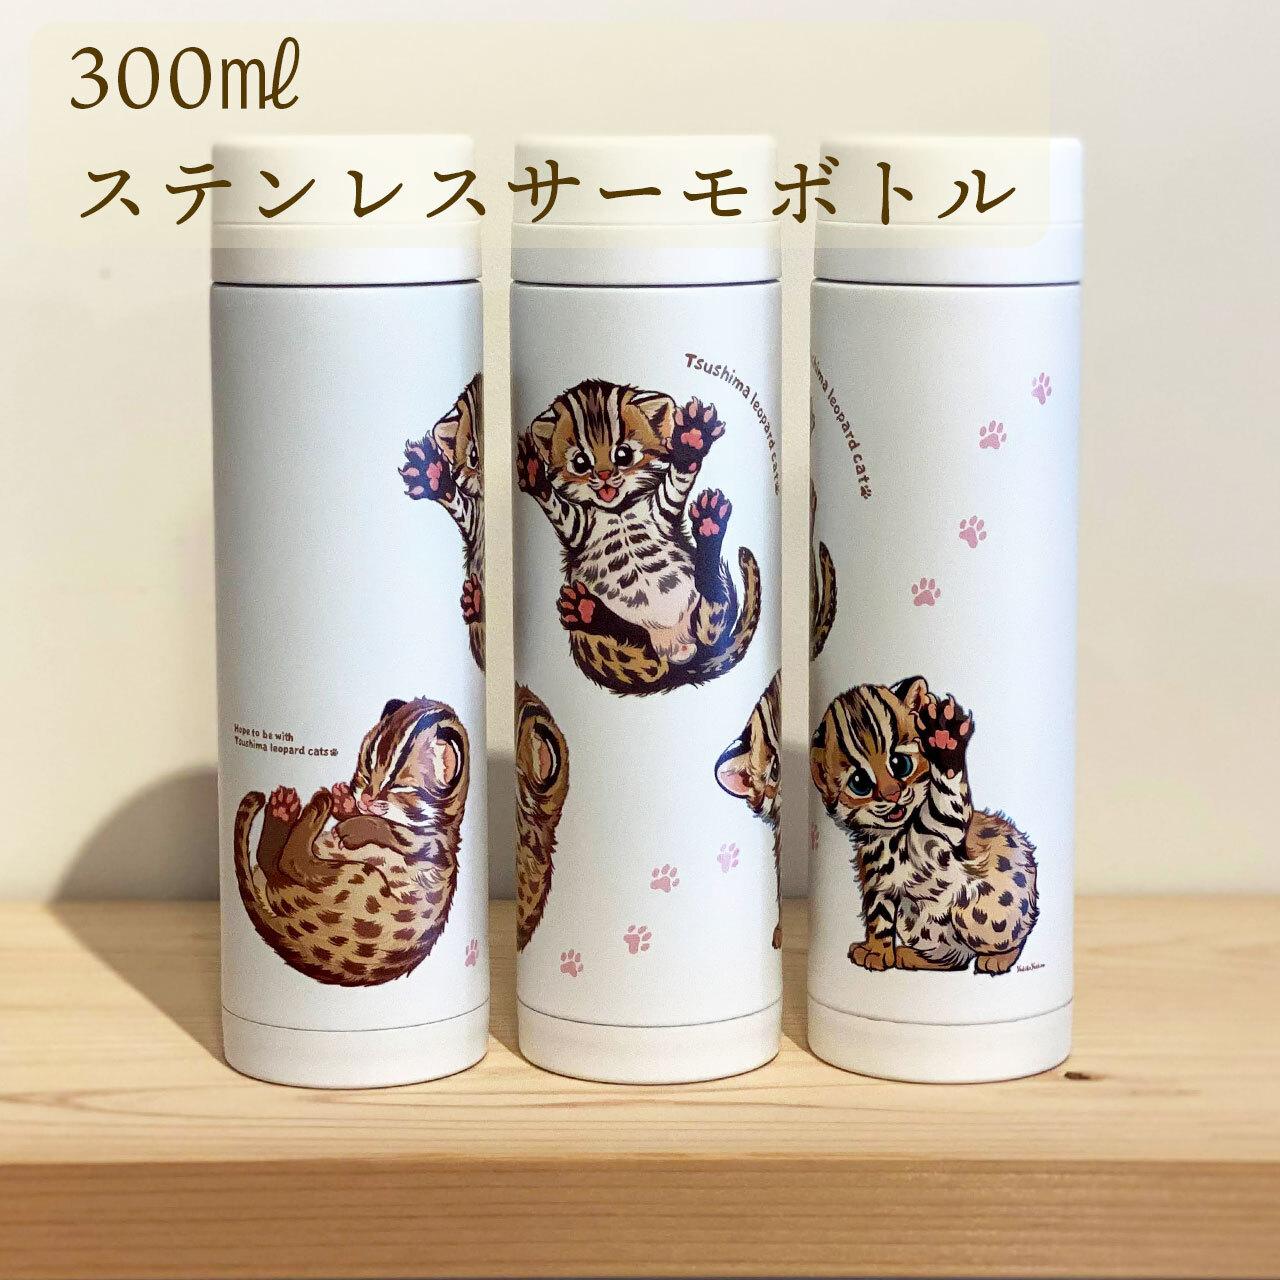 【受注生産】ツシマヤマネコ サーモボトル(300ml)